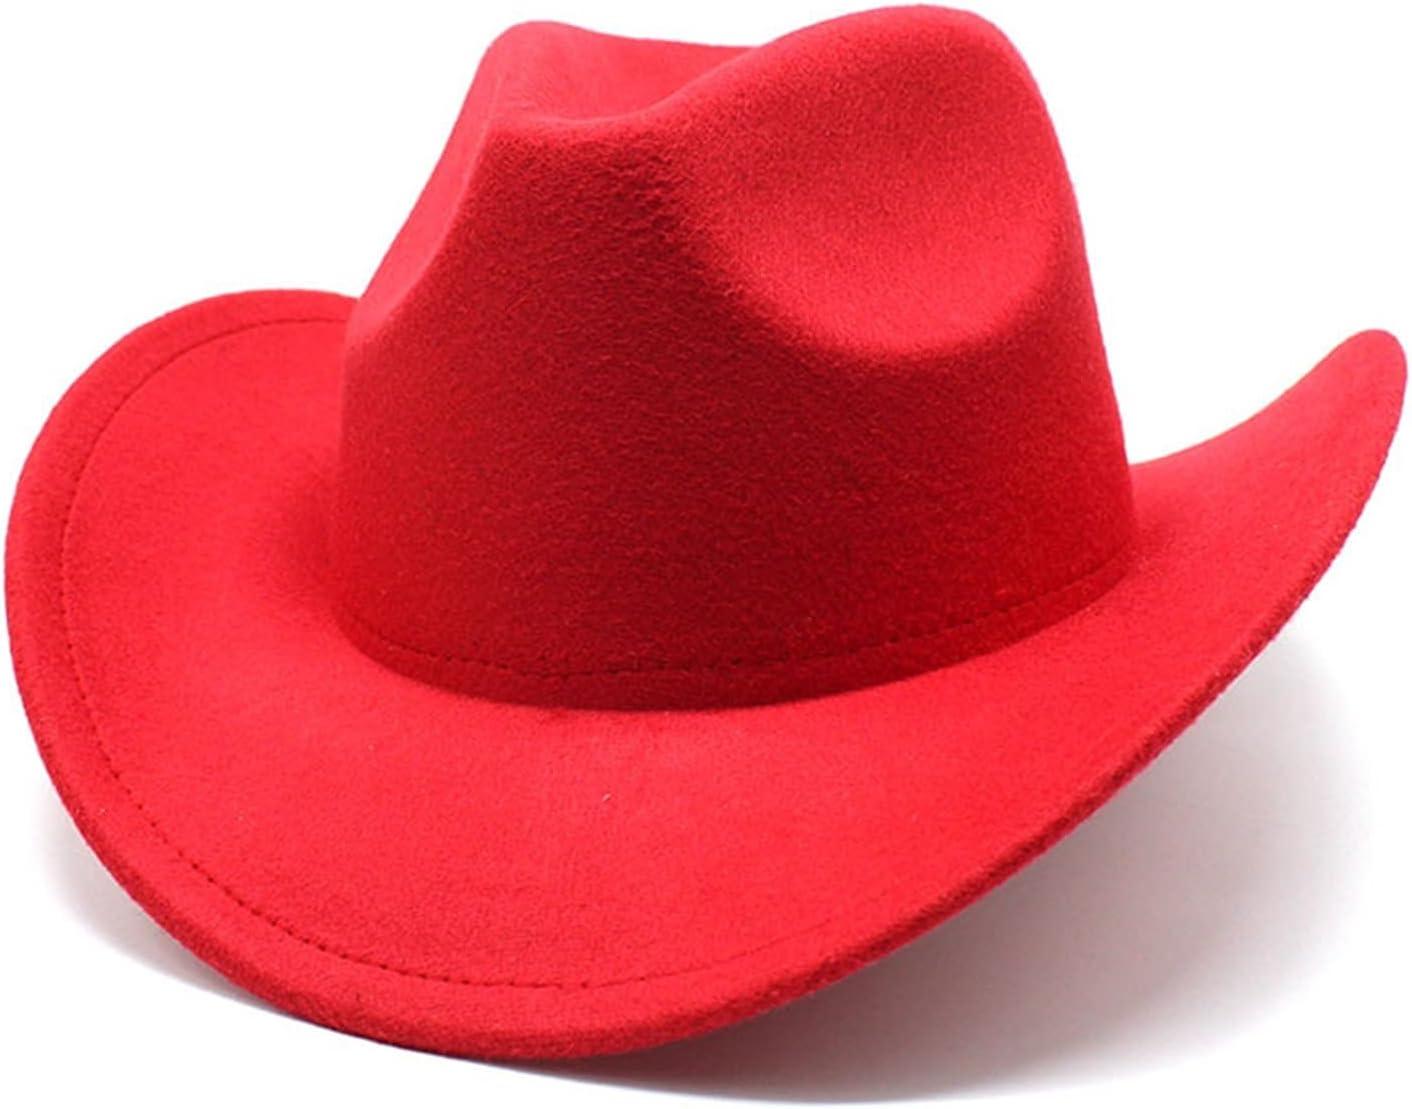 QQSA Felt Brim Fedora Cowboy Hat Wide Minneapolis Mall Hats Bucket Man Elegant Men's